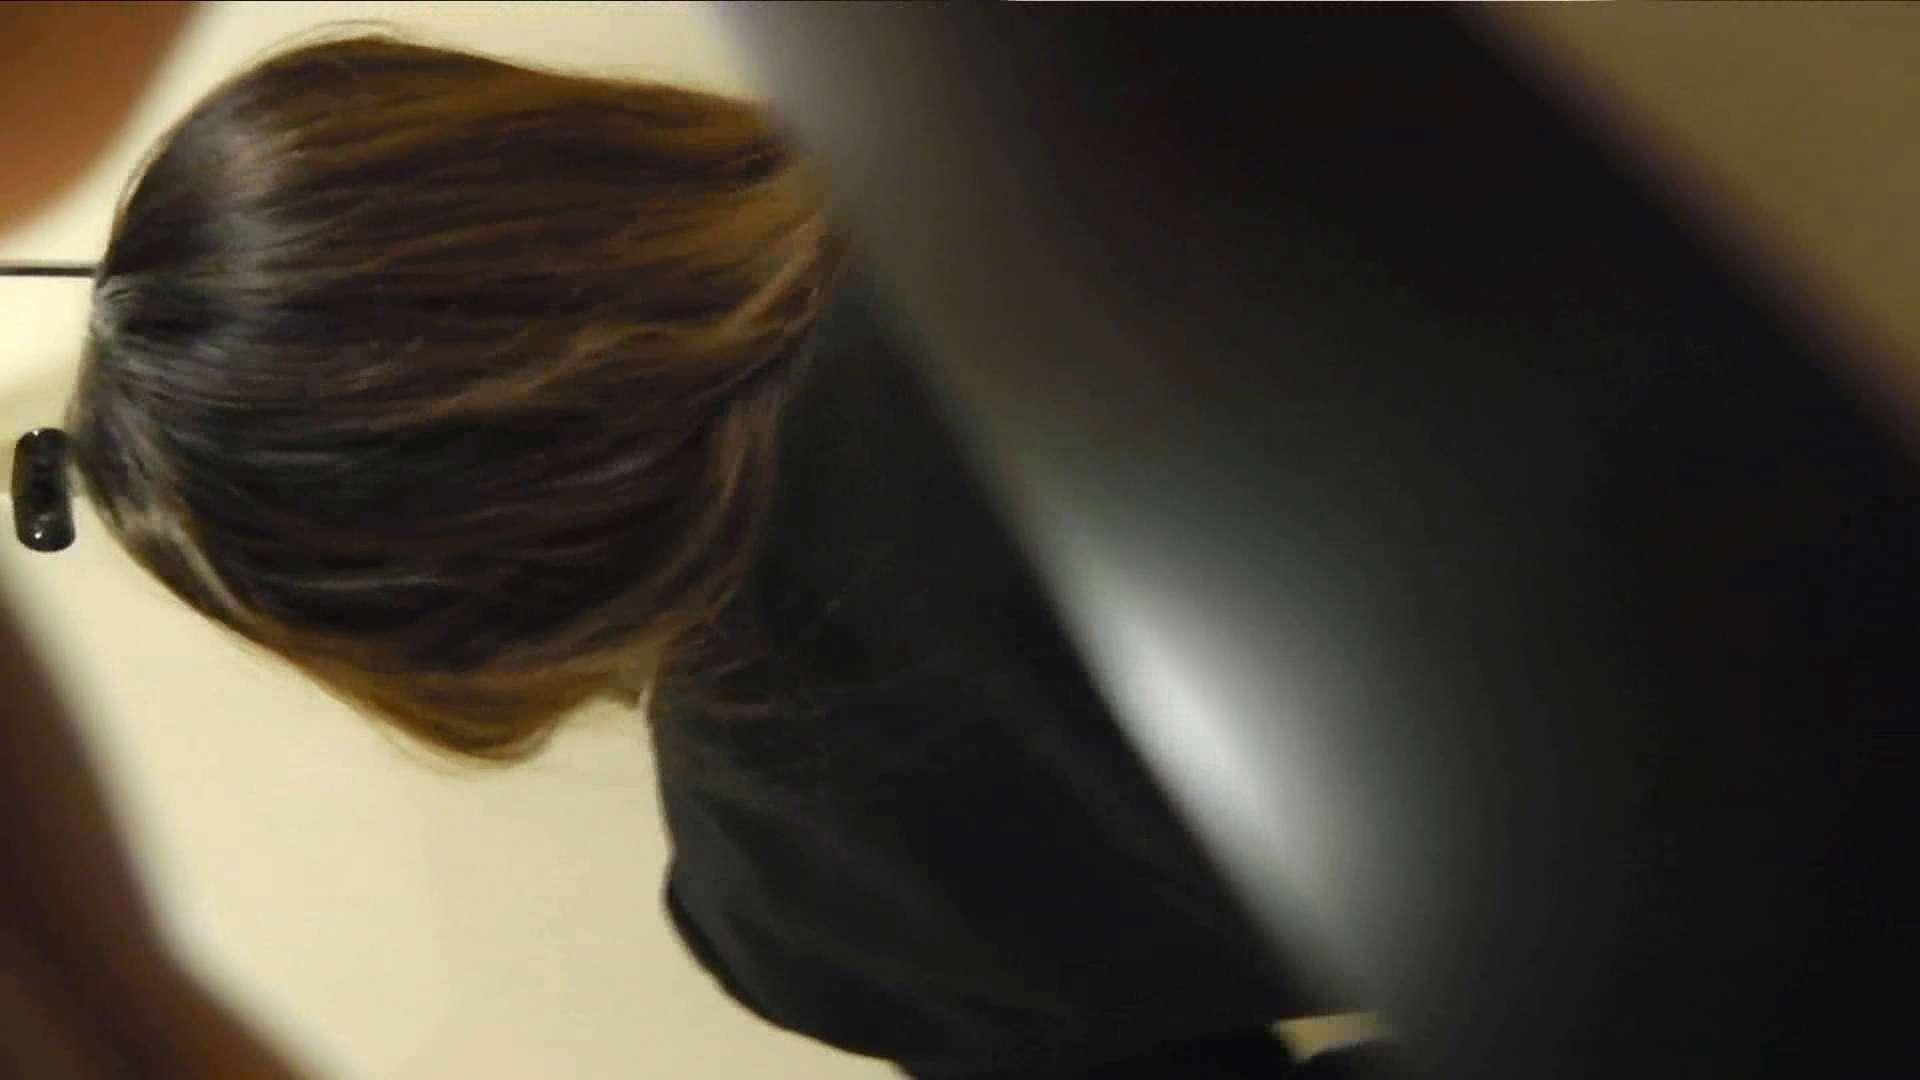 世界の射窓から vol.41 ぼうしタンのアソコ OL女体 | 洗面所  69連発 11